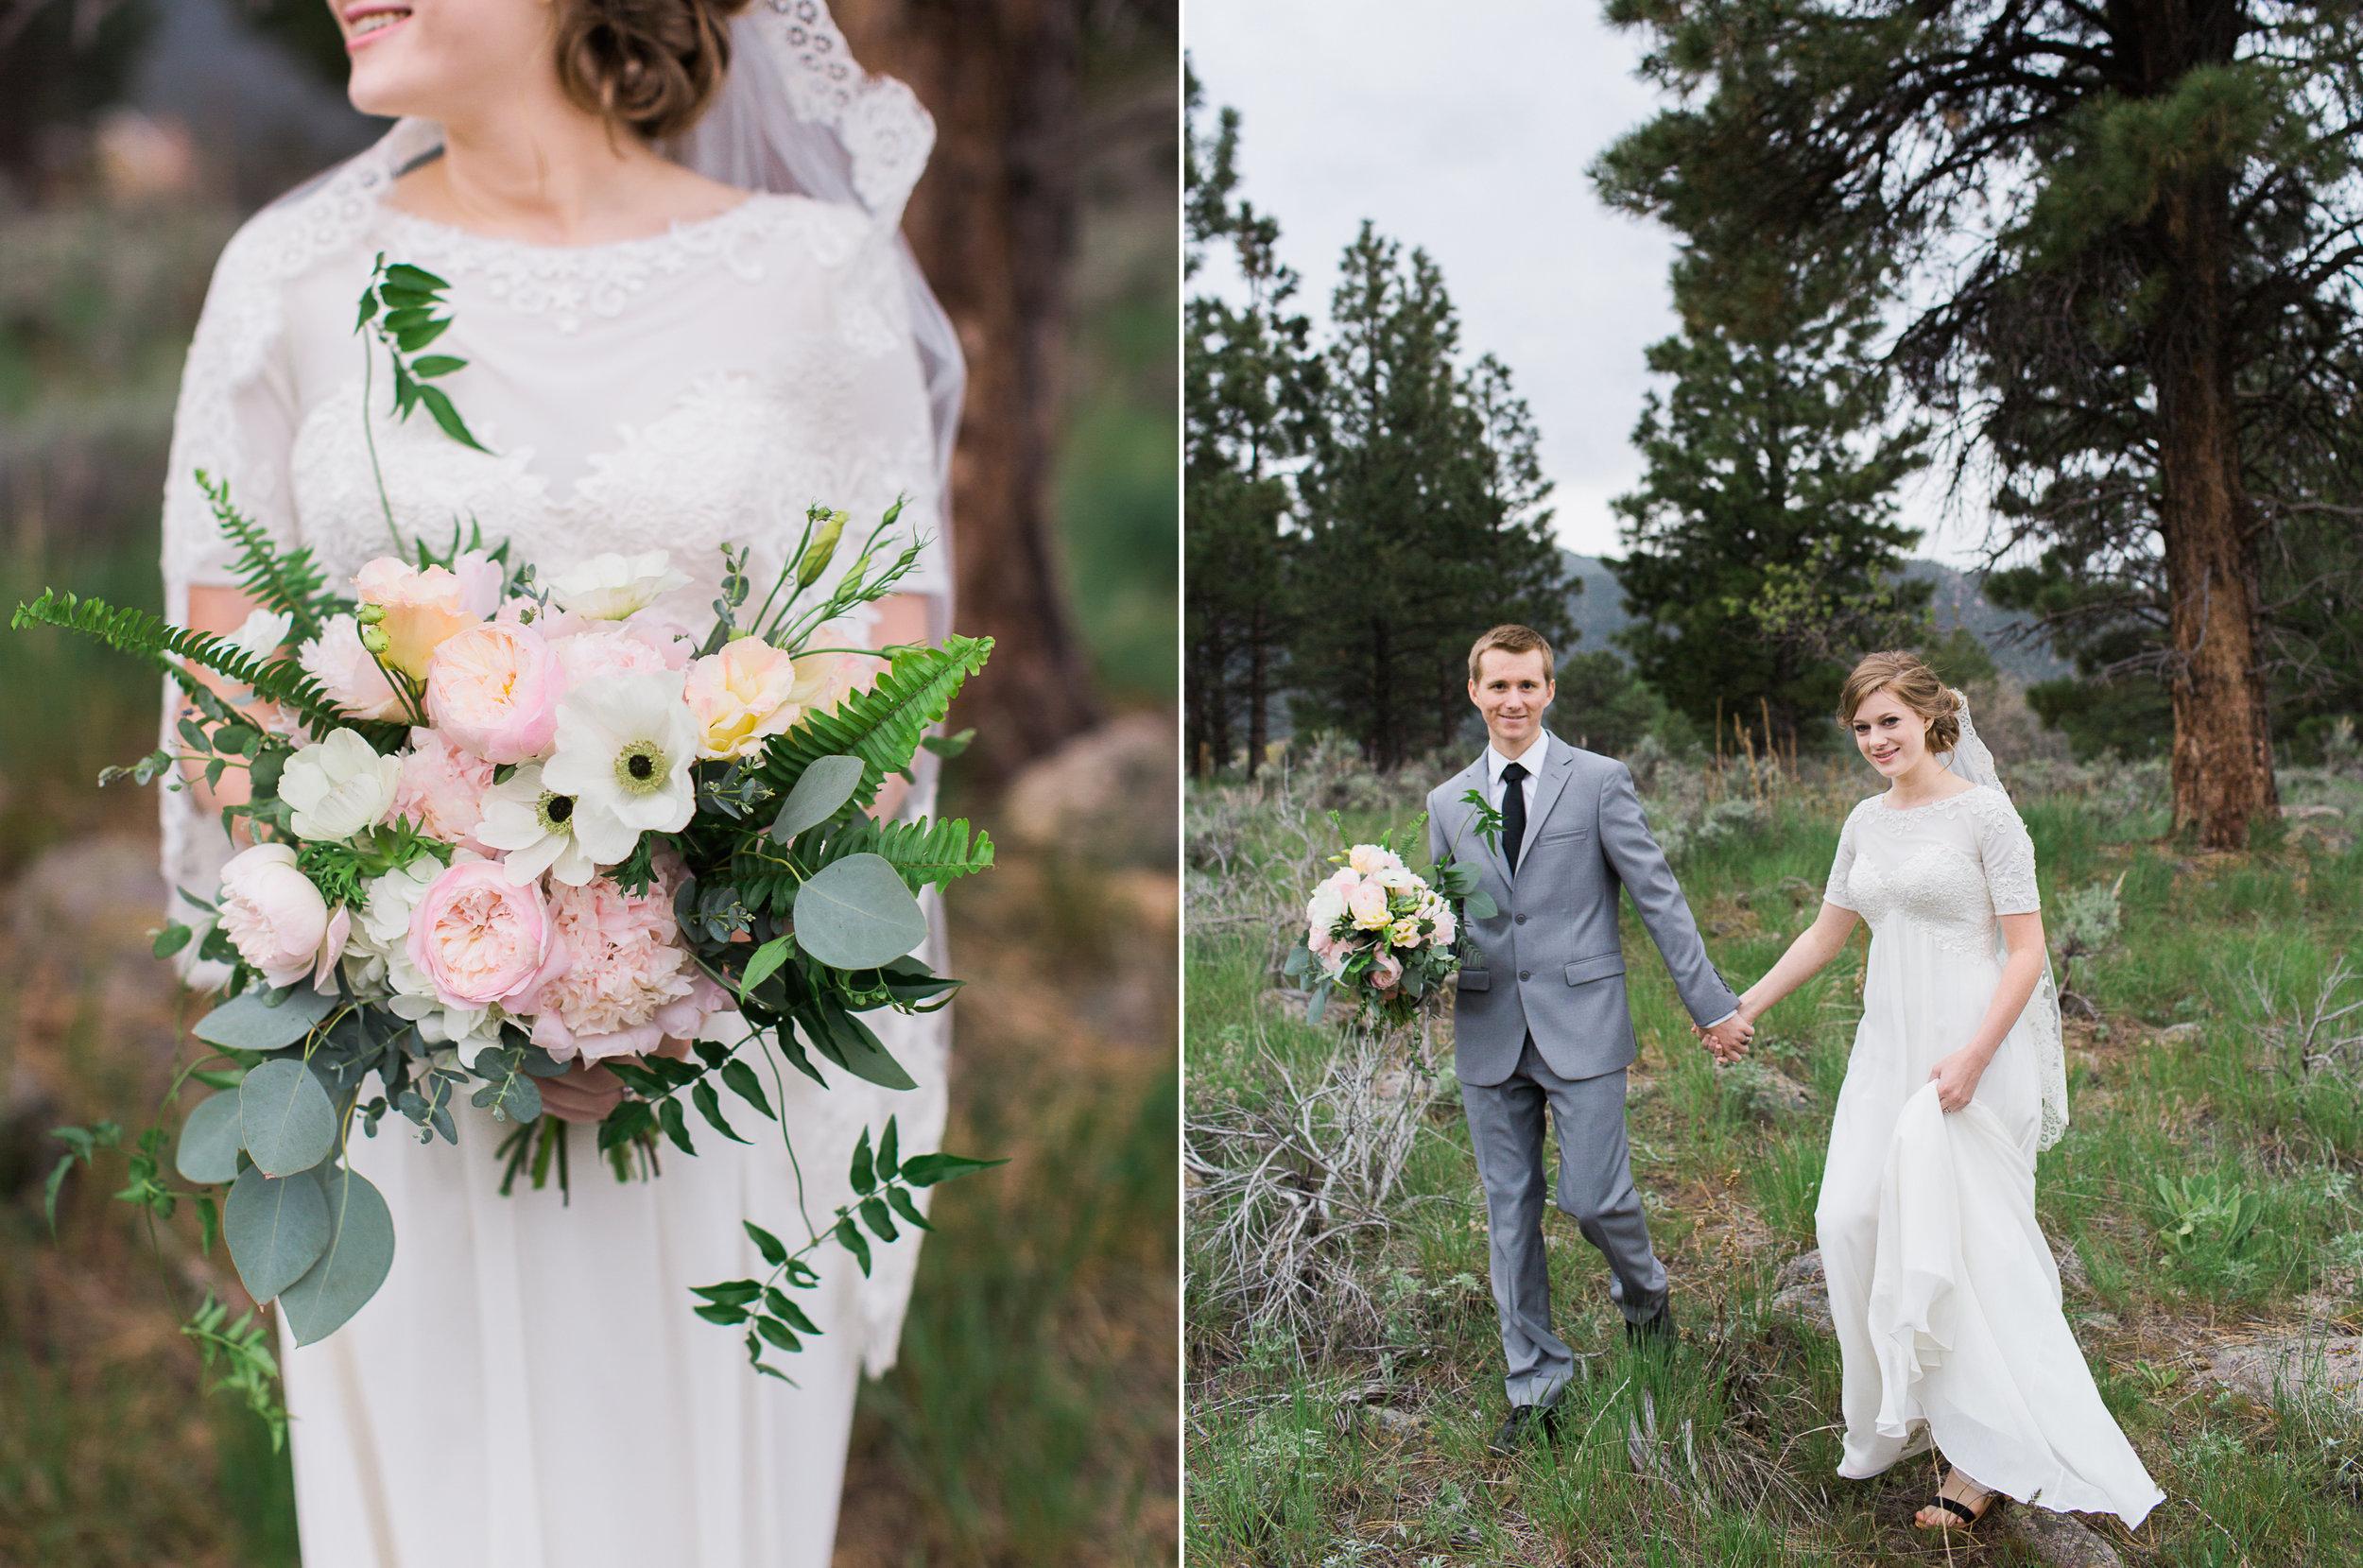 Scarlett-and-tanner-Pine-Valley-Bridals-4.jpg